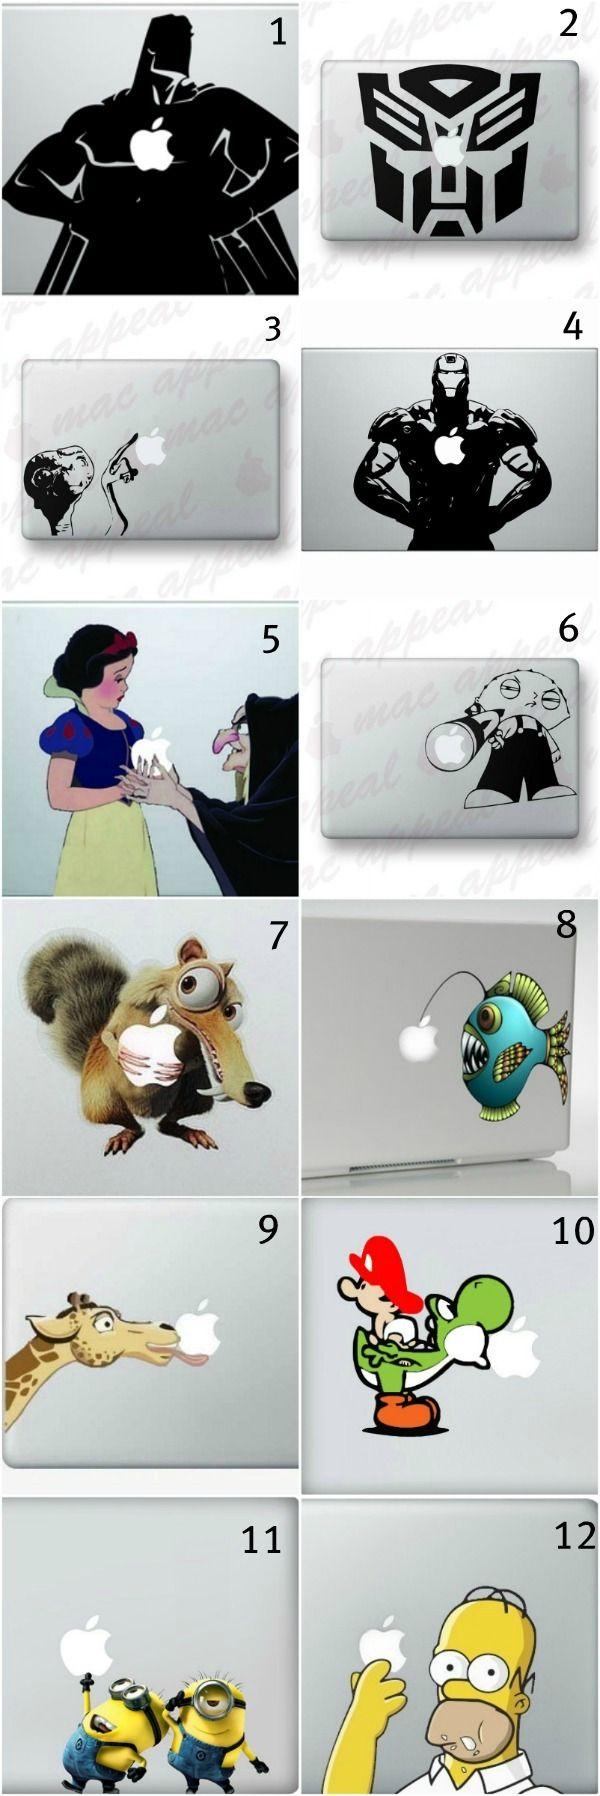 Super Creative and Geeky Macbook Decals #decals #macbook #geek